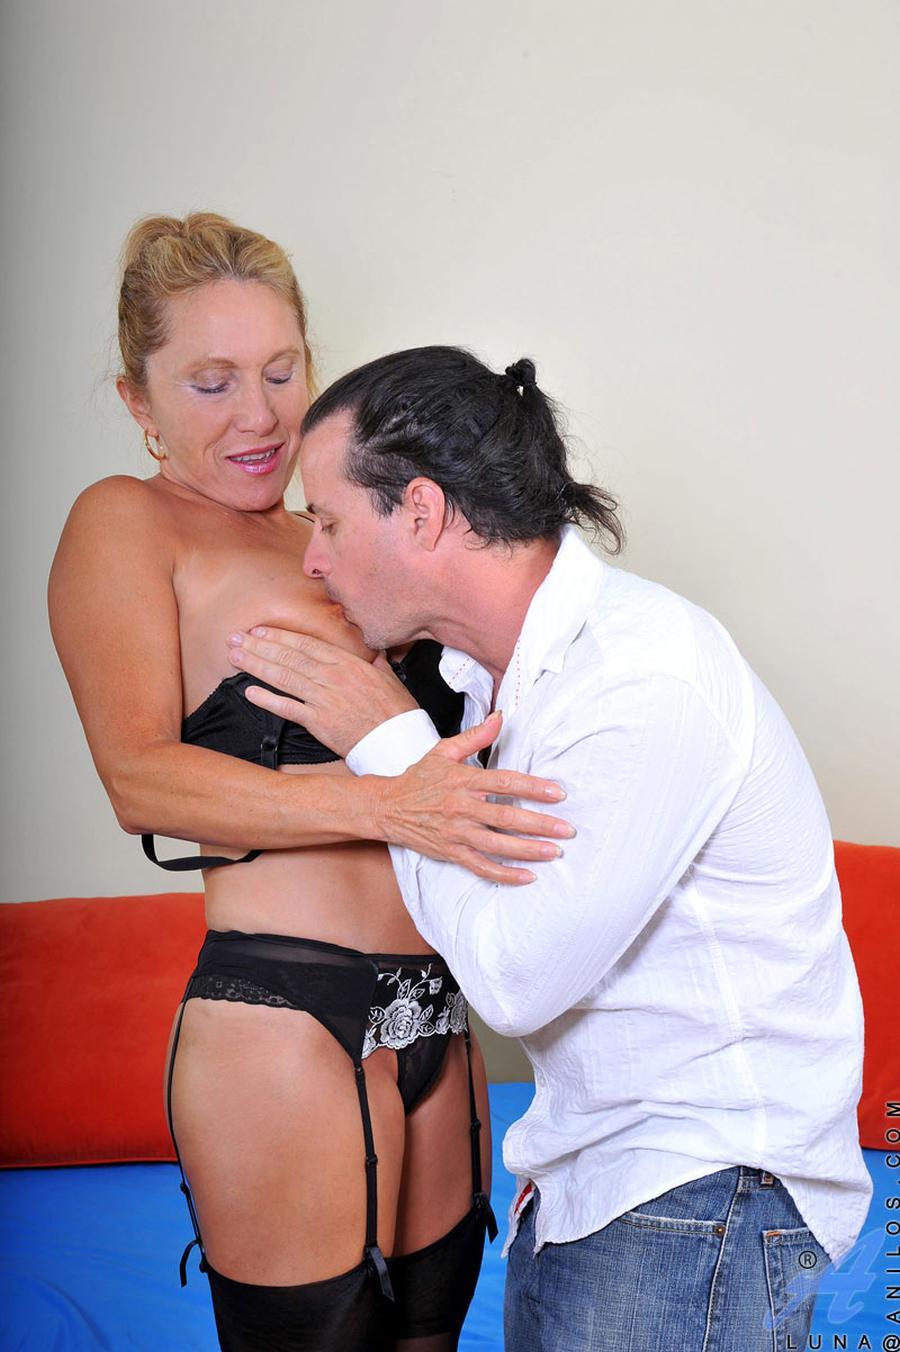 geile-oma-seks-met-luna-en-haar-grote-tieten-03